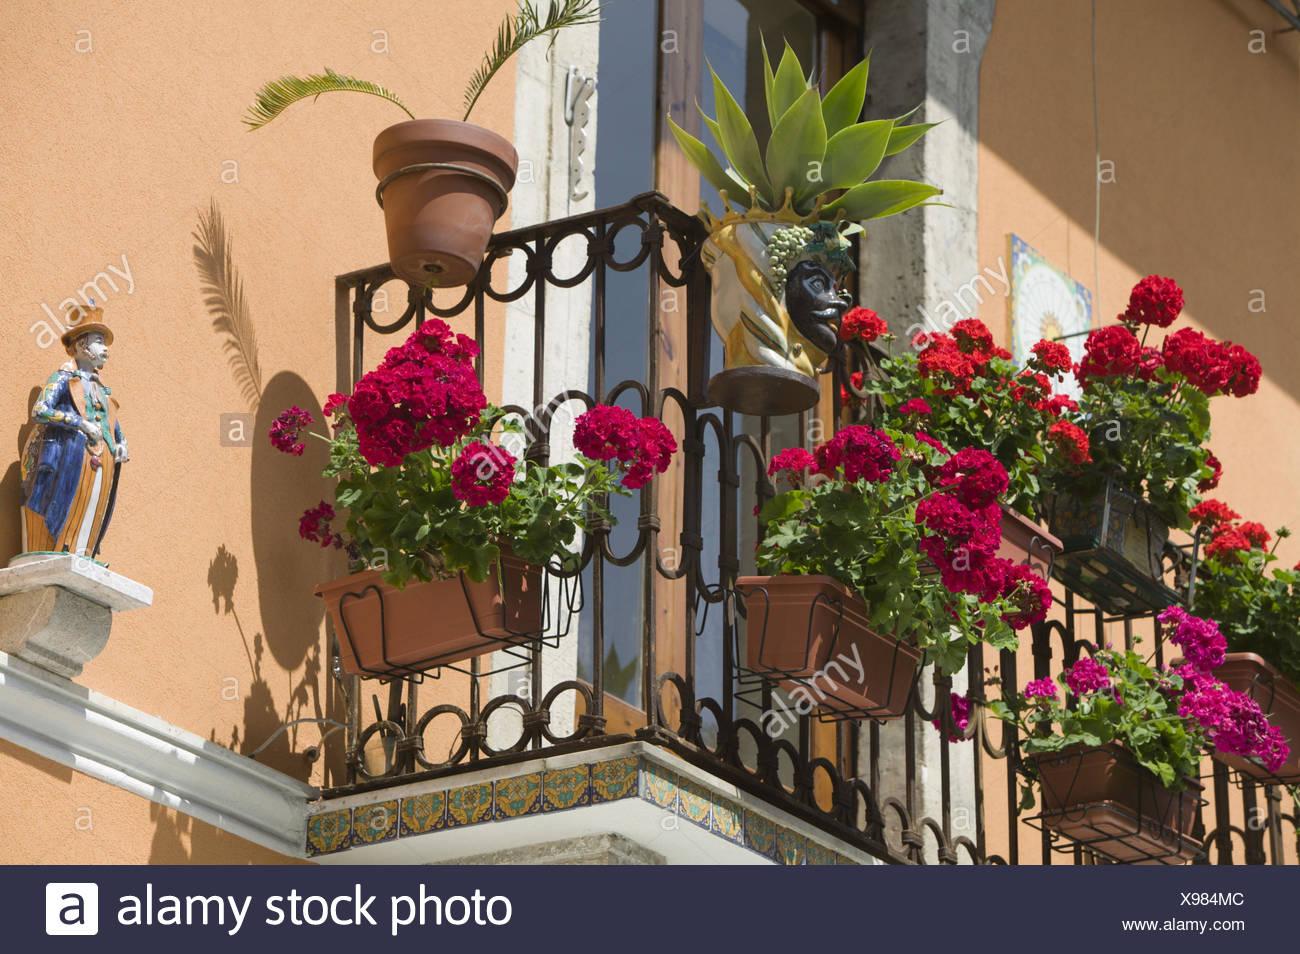 Italien, Insel Sizilien, Taormina, Corso Umberto, Wohnhaus, Detail, Balkon,